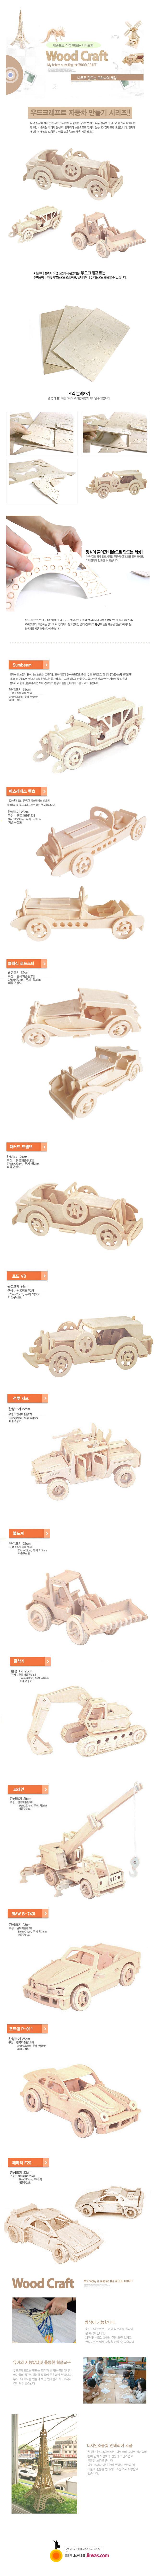 자동차 우드크레프트 12TYPE - 진바스, 5,500원, 조각/퍼즐, 우드퍼즐